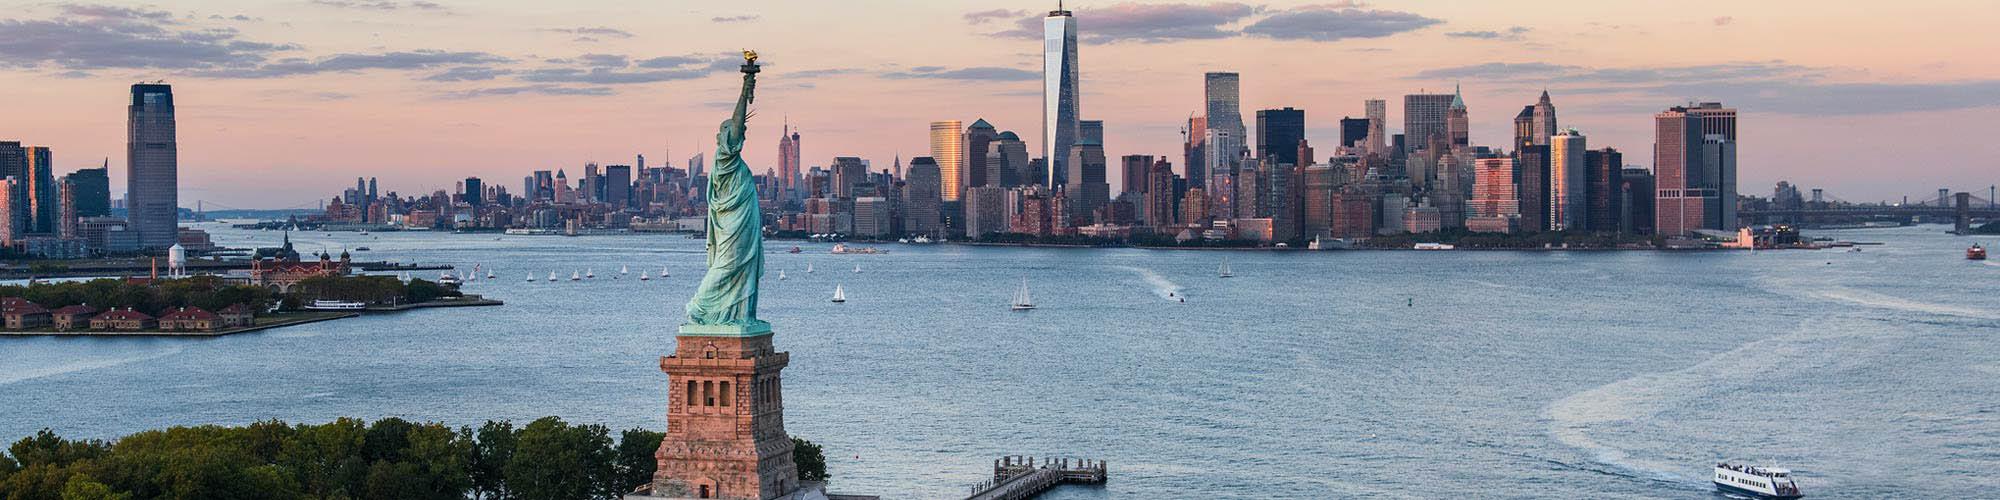 Pla d'internacionalització als Estats Units d'Amèrica